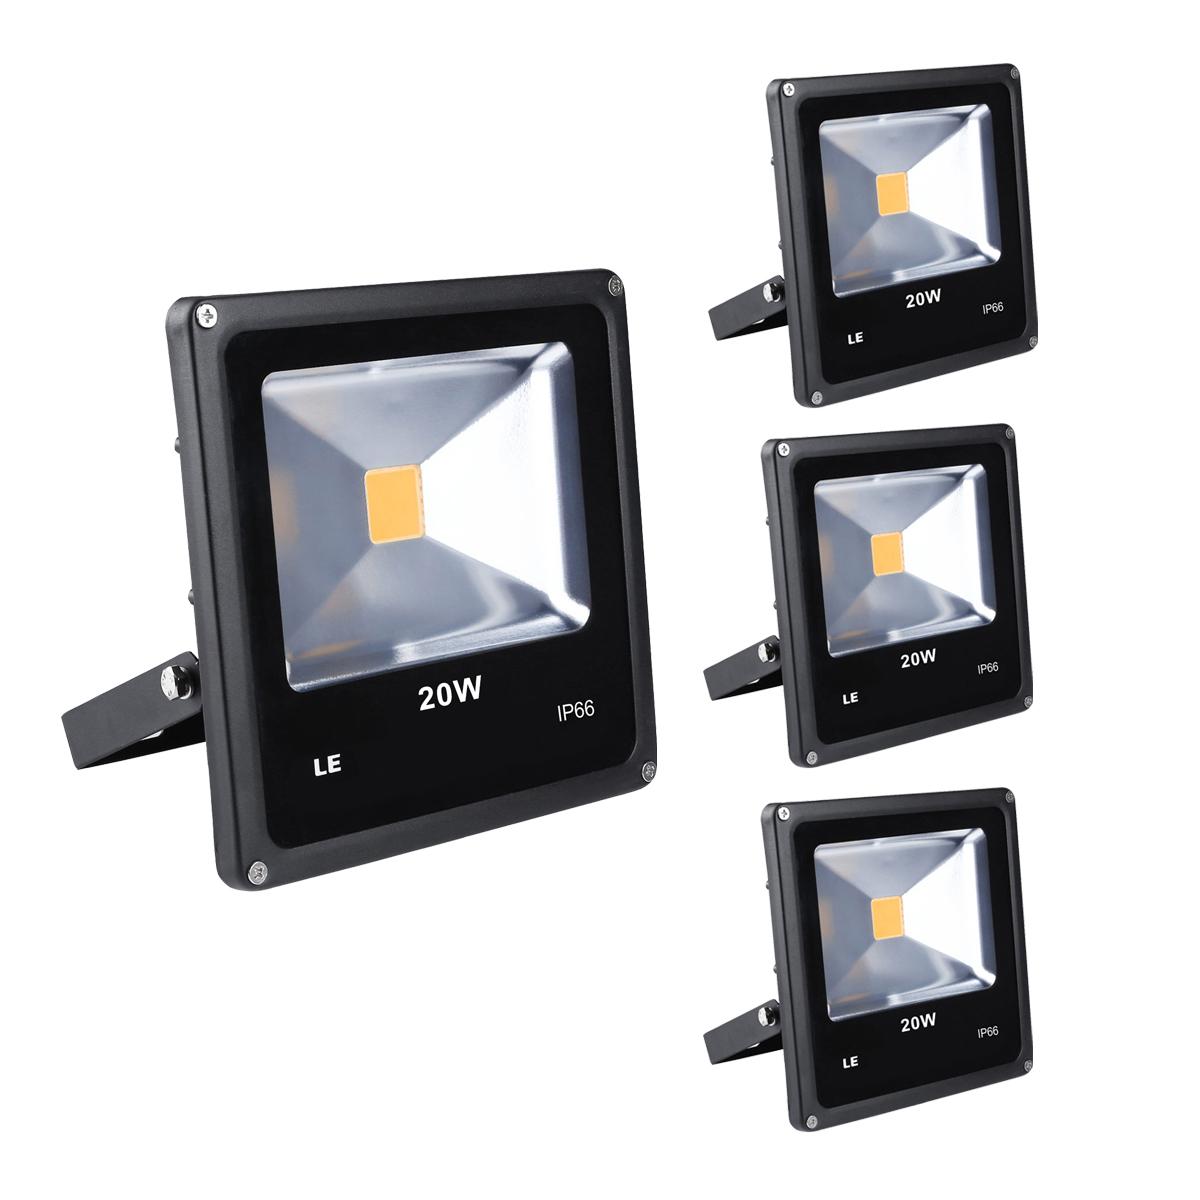 [Bündel] LED Fluter 20W, 1300lm Strahelr, IP66 Wasserdicht, ersetzt 200W Halogenlampe, Warmweiß, 3er Set